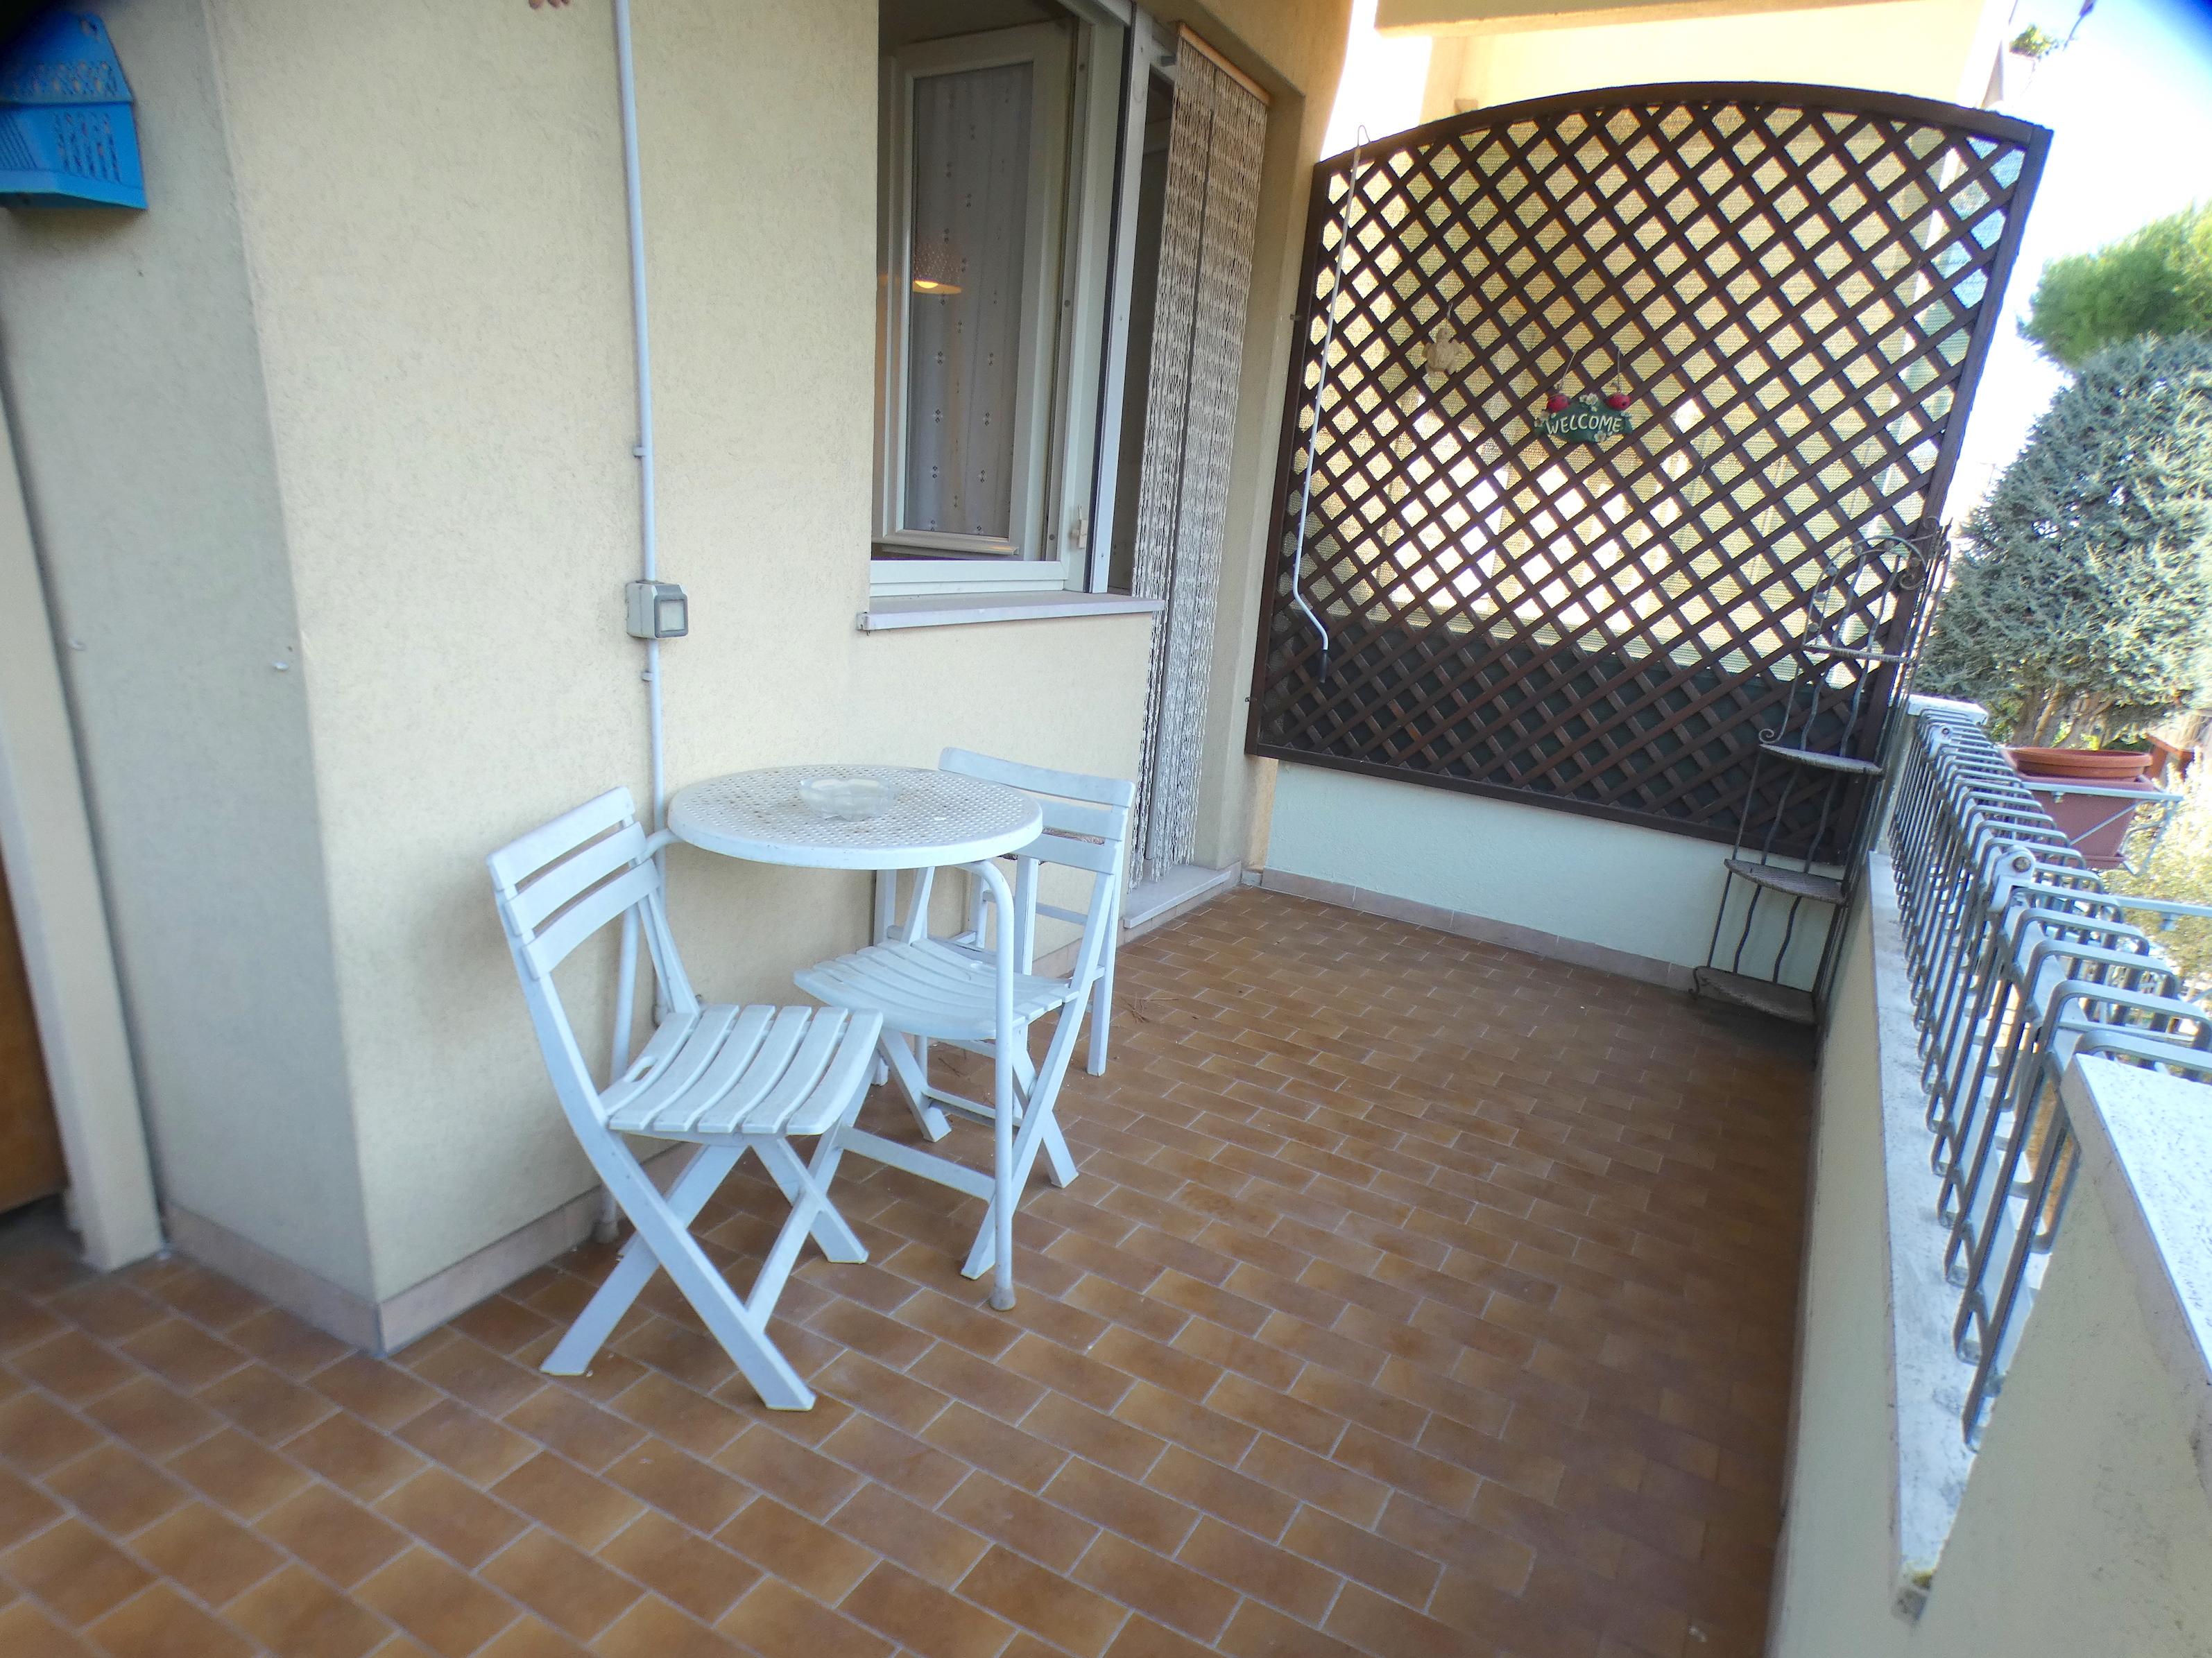 RICCIONE PUNTA DELL' EST, bilocale con terrazzo abitabile in vendita